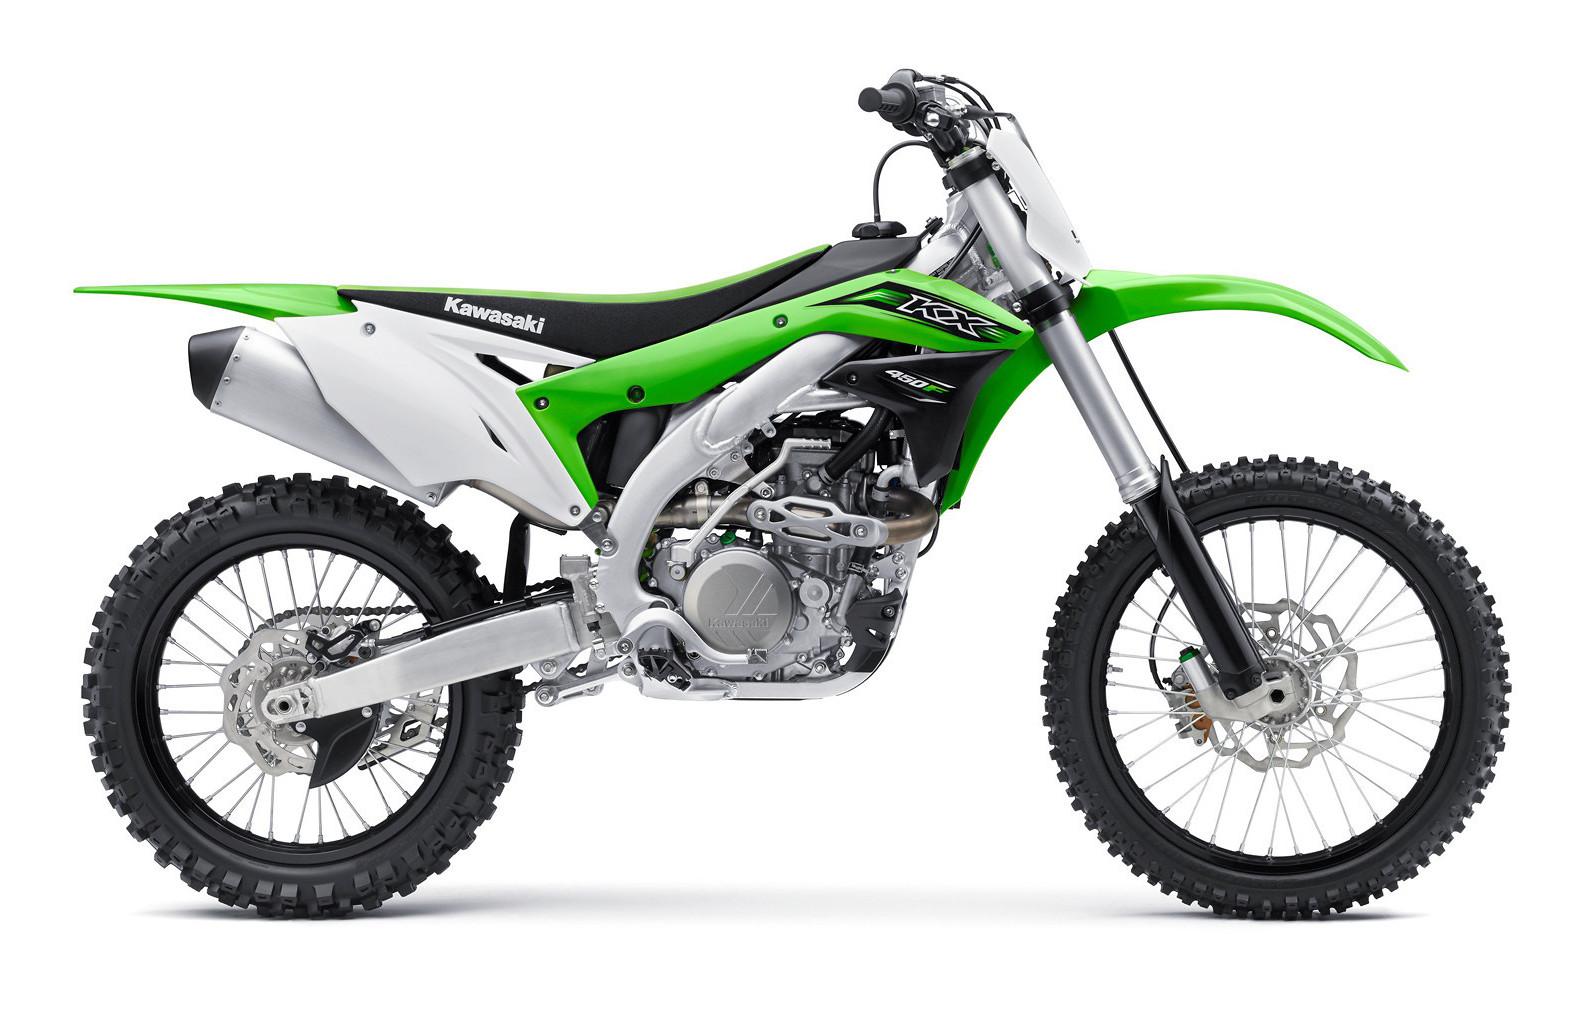 2016 Kawasaki KX450F  2016 Kawasaki KX450F